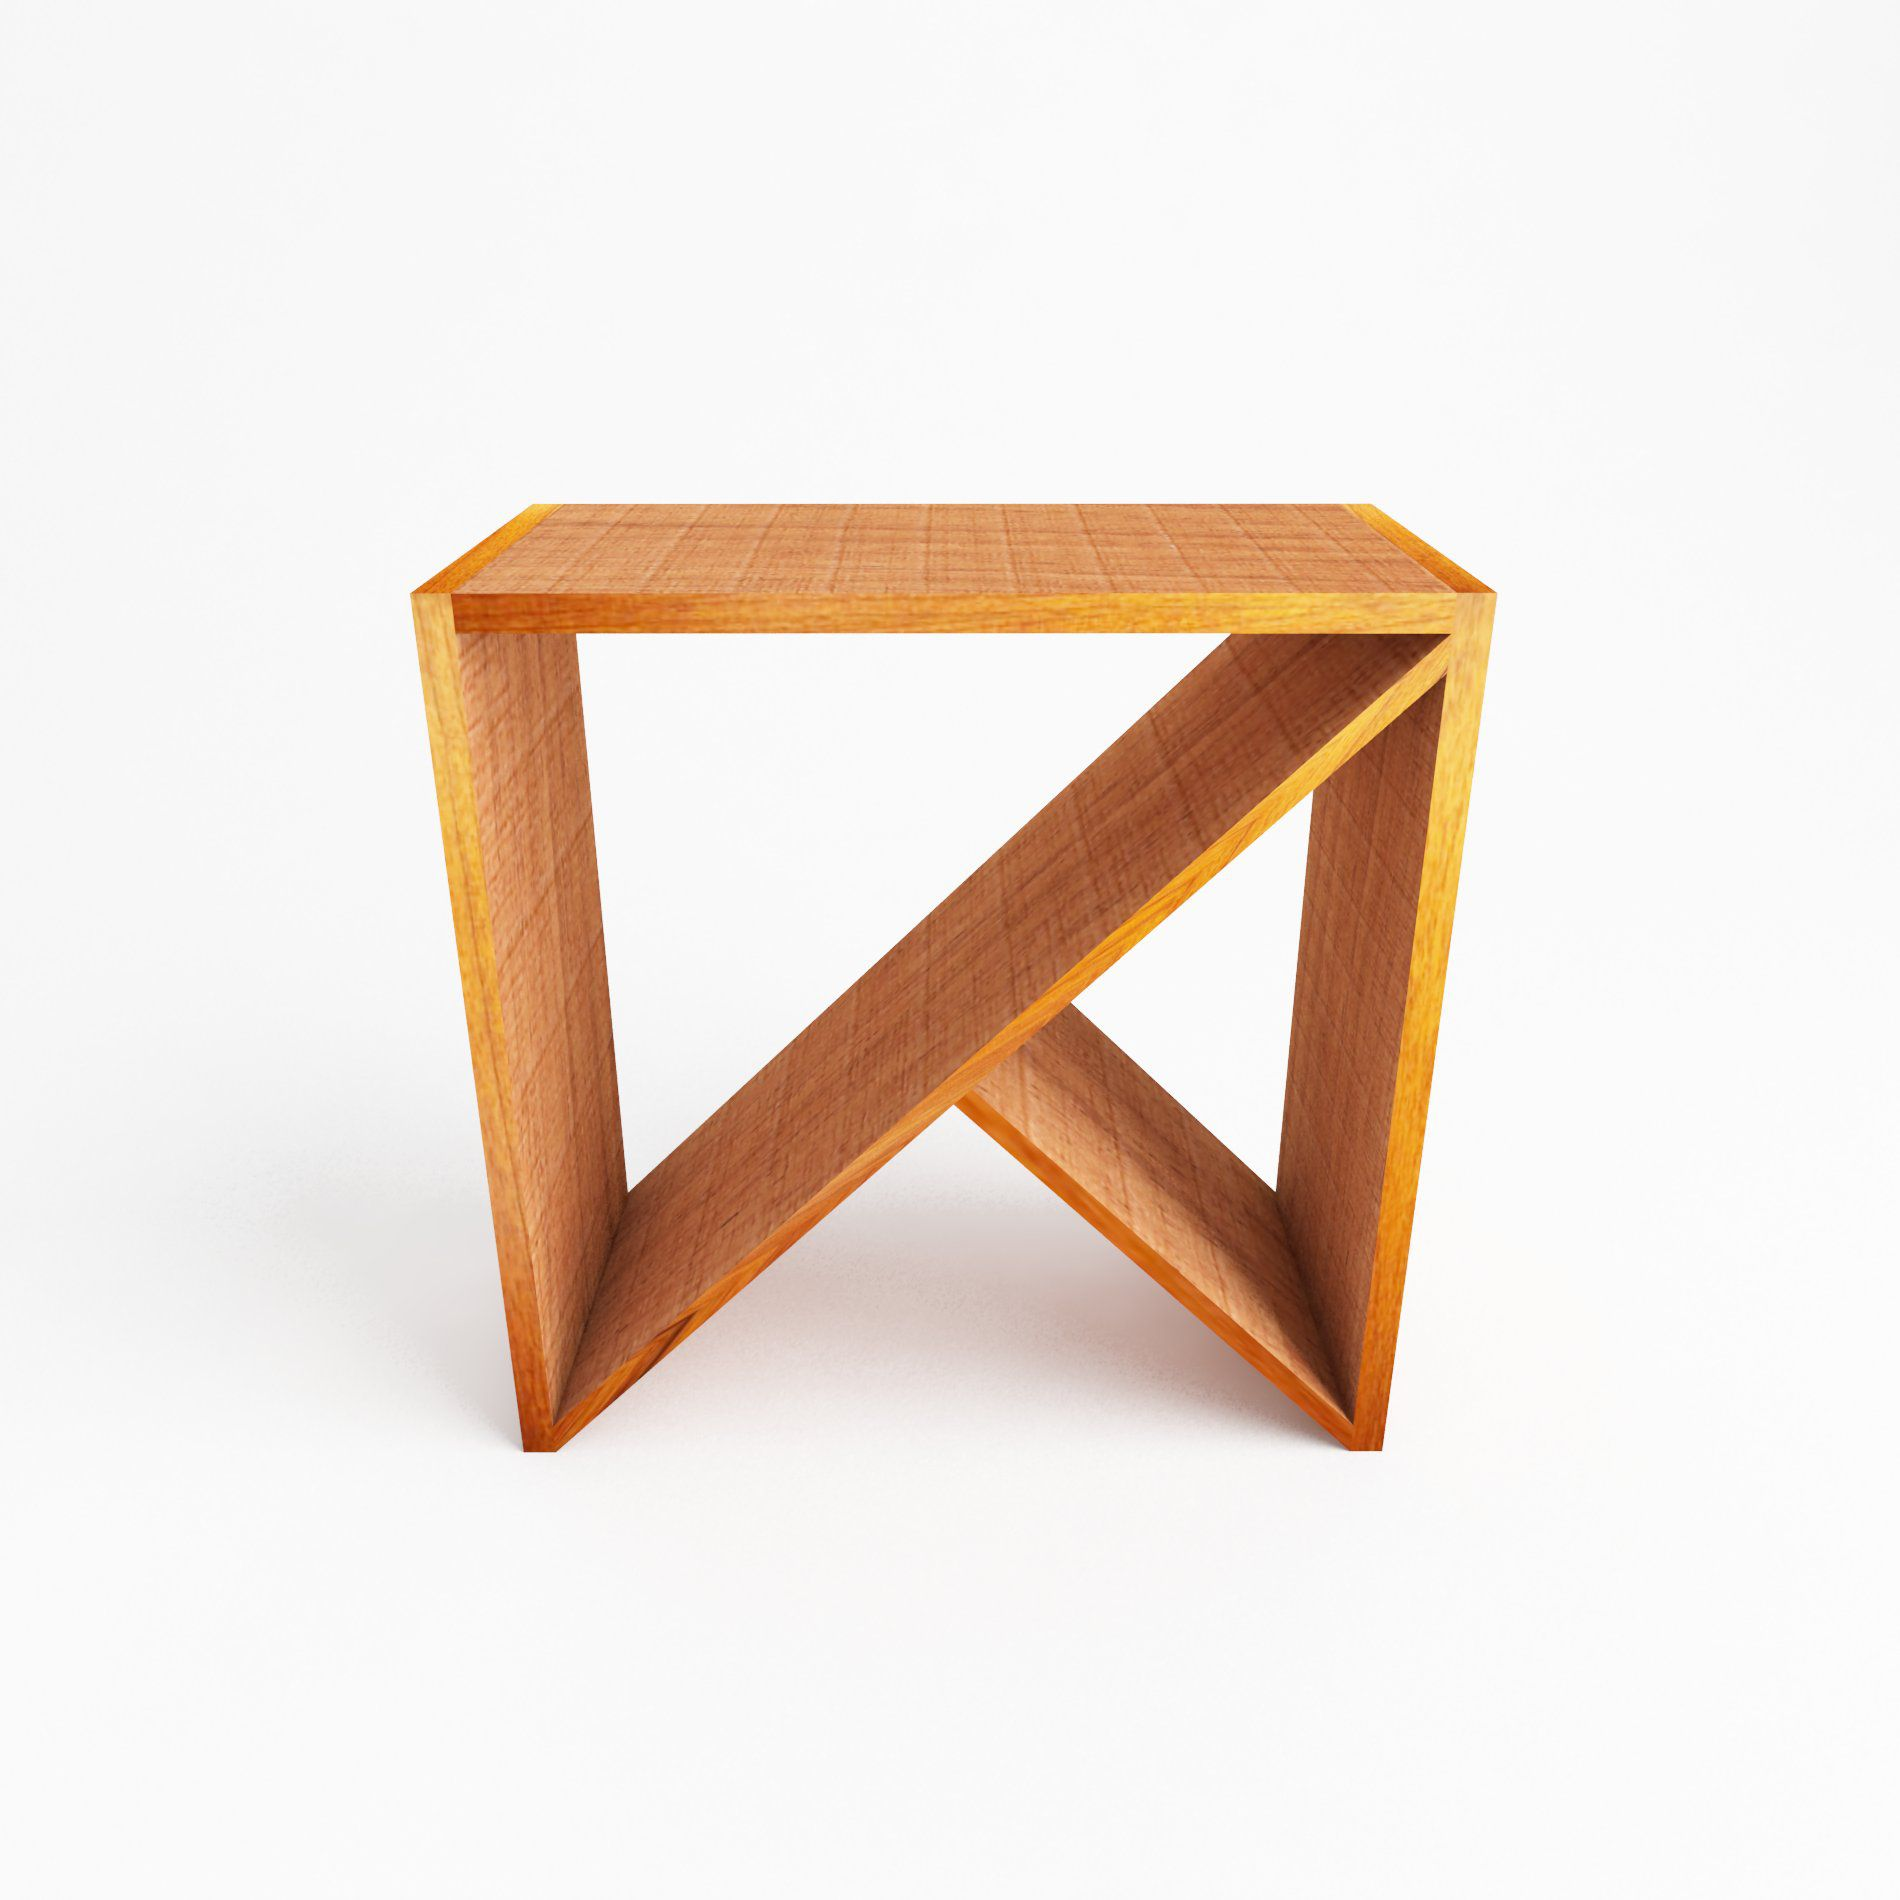 Mesa lateral Modelo X medindo 0,45 x 0,45 Em Madeira De Demolição